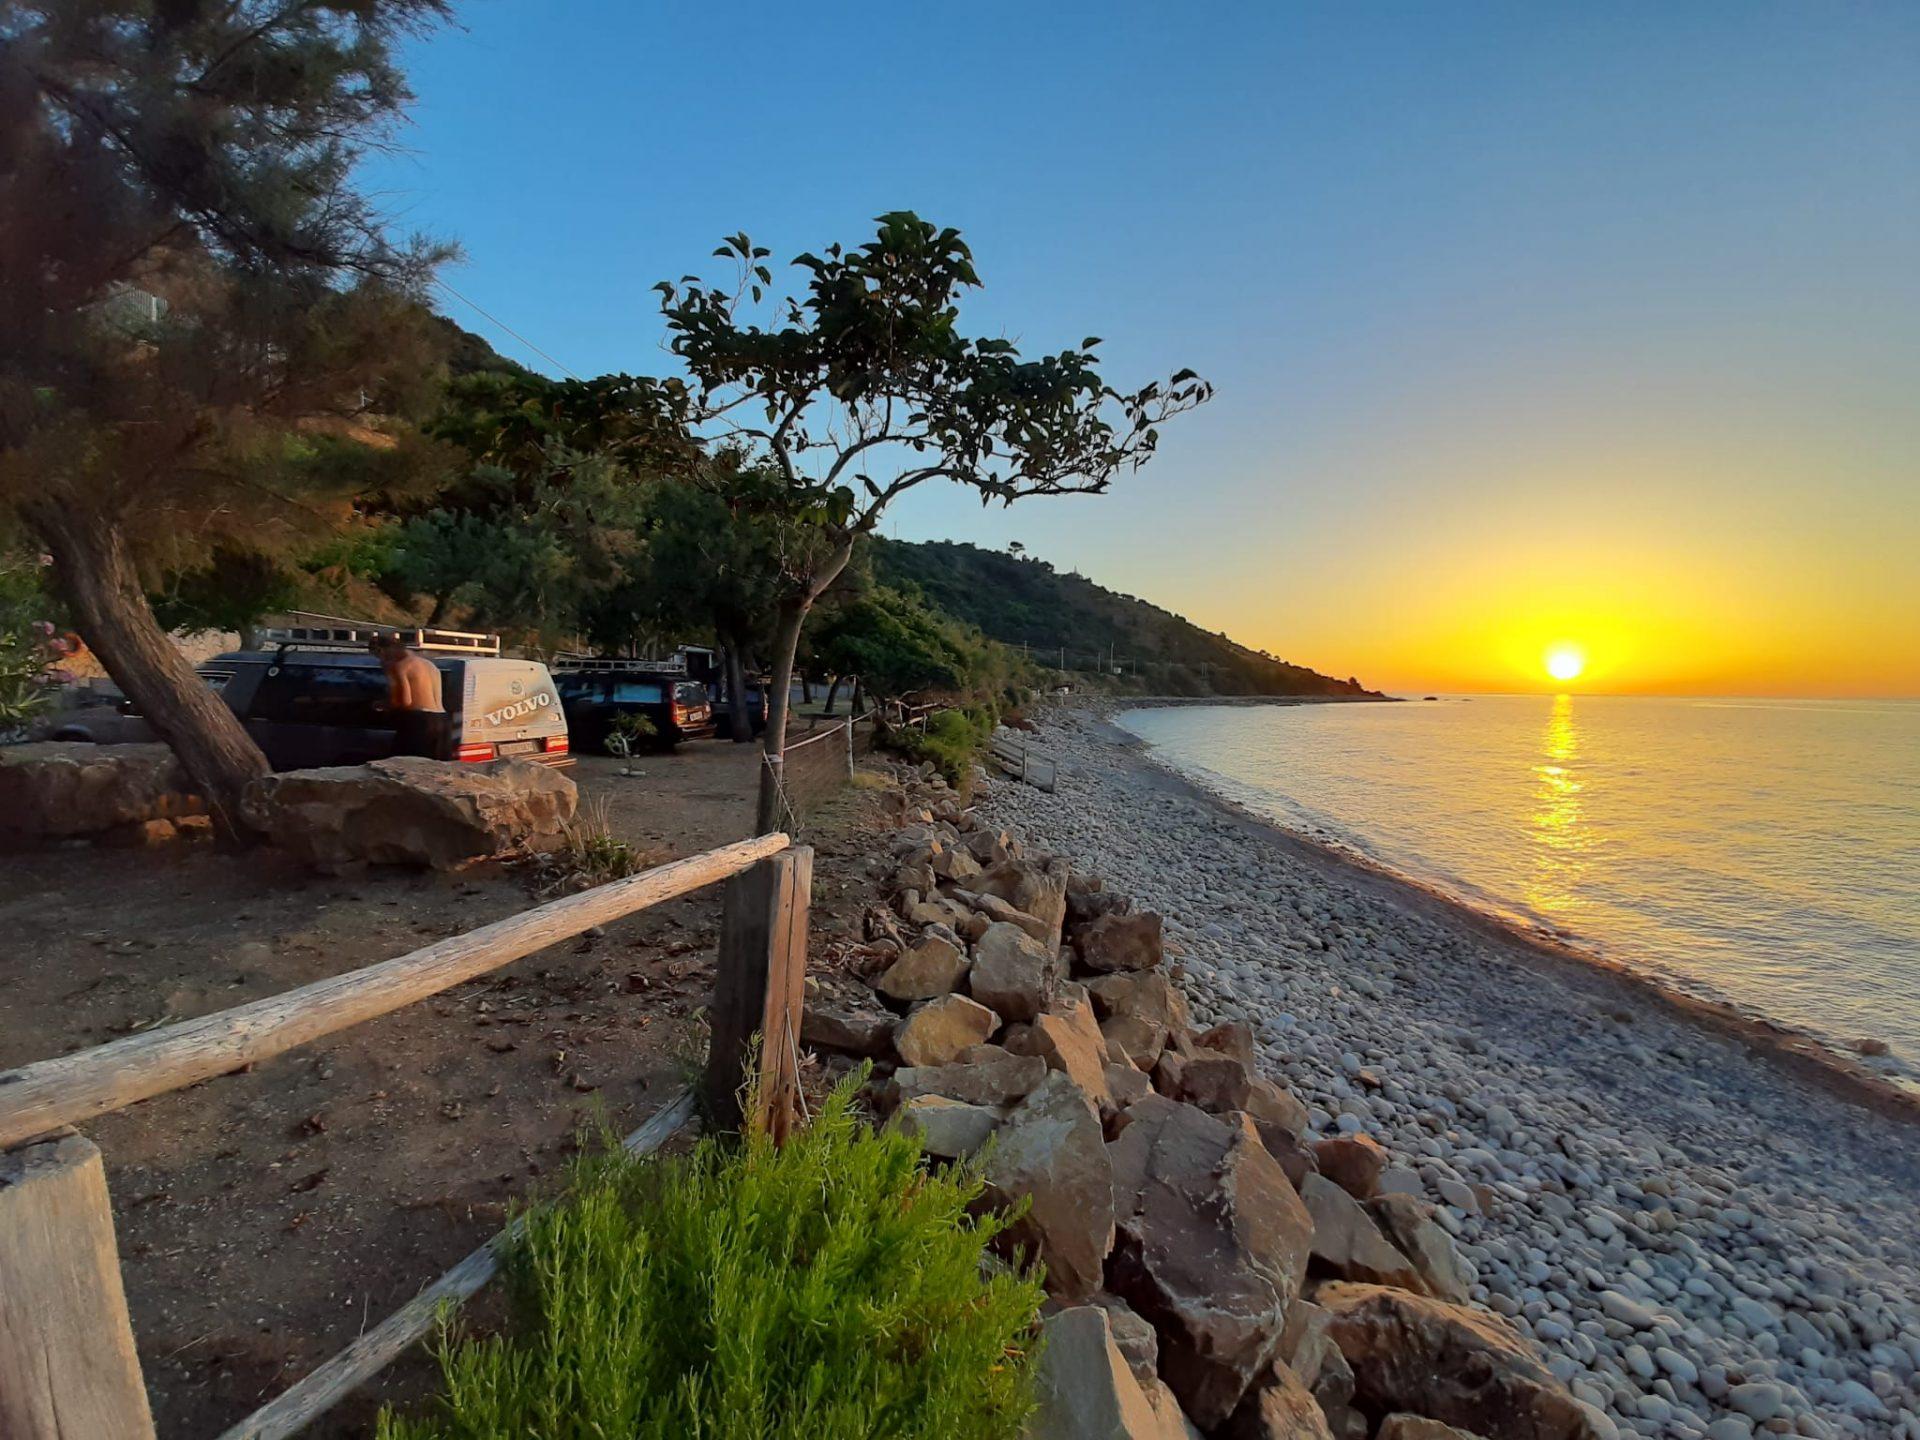 Camping_LoScoglio_CasteldiTusa_2